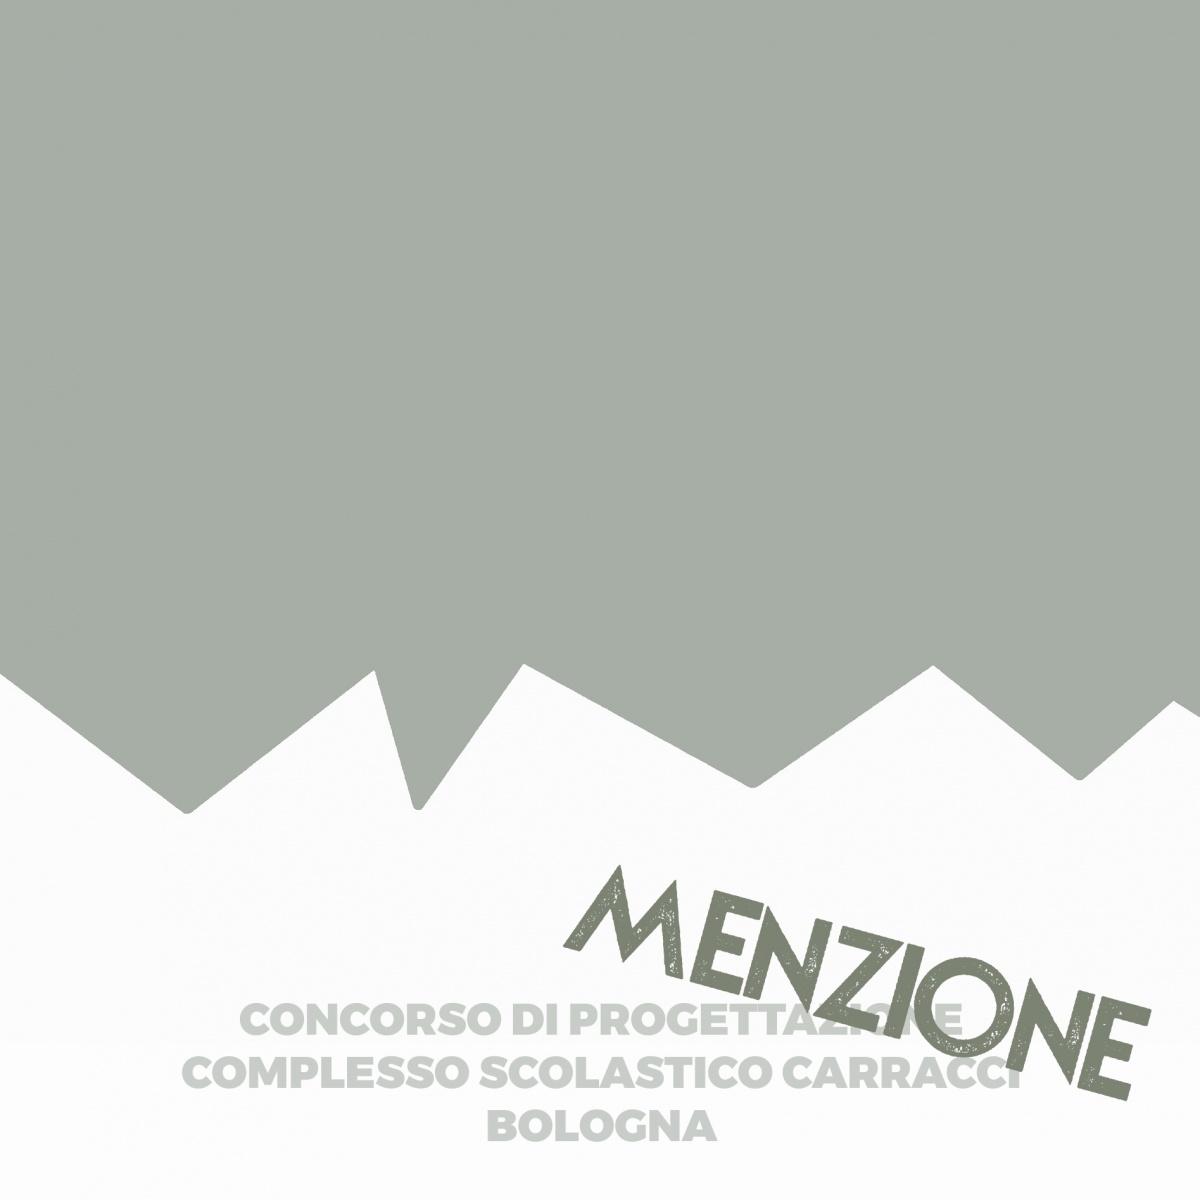 immagine grafica per comunicare la menzione ricevuta da ldaimda al concorso di progettazione polo scolastico carracci bologna